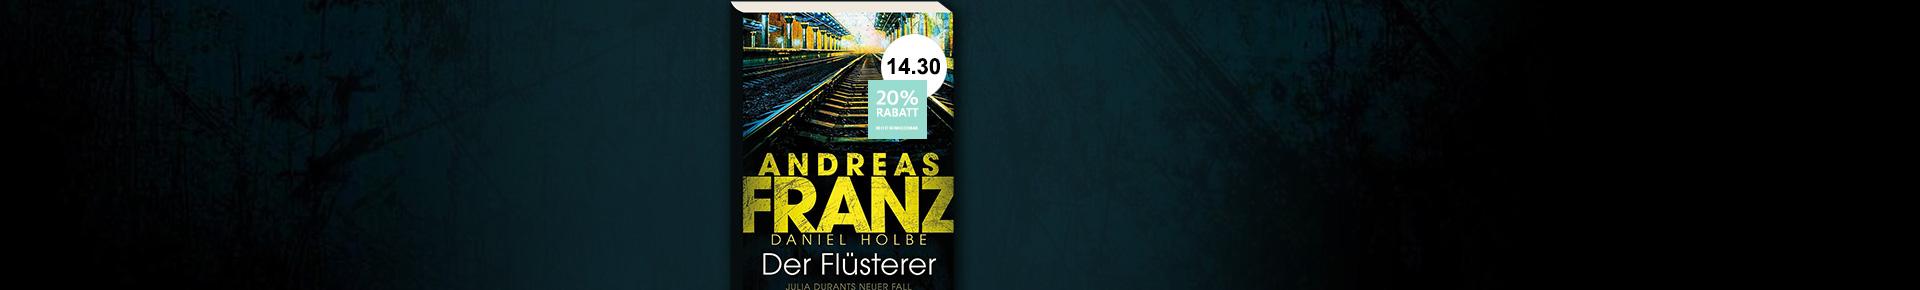 Der Flüsterer von Andreas Franz und Daniel Holbe jetzt bestellen.